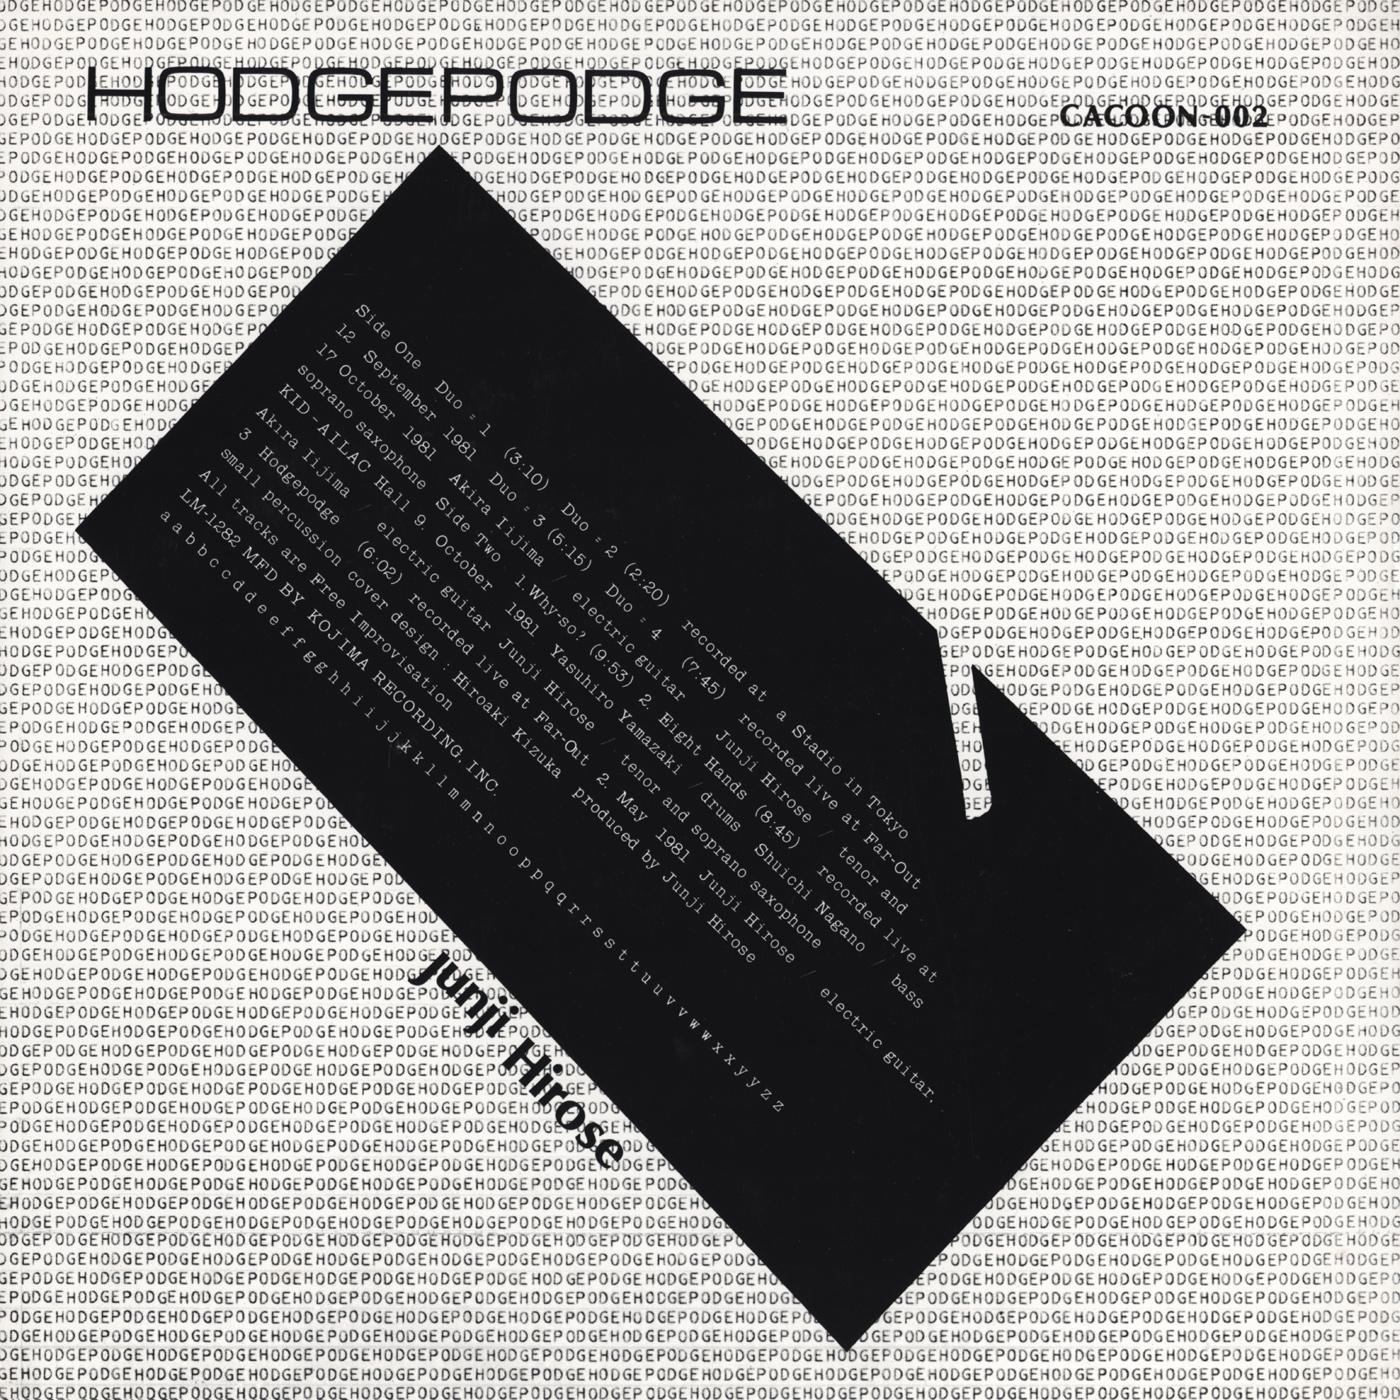 Junji Hirose Hodgepodge